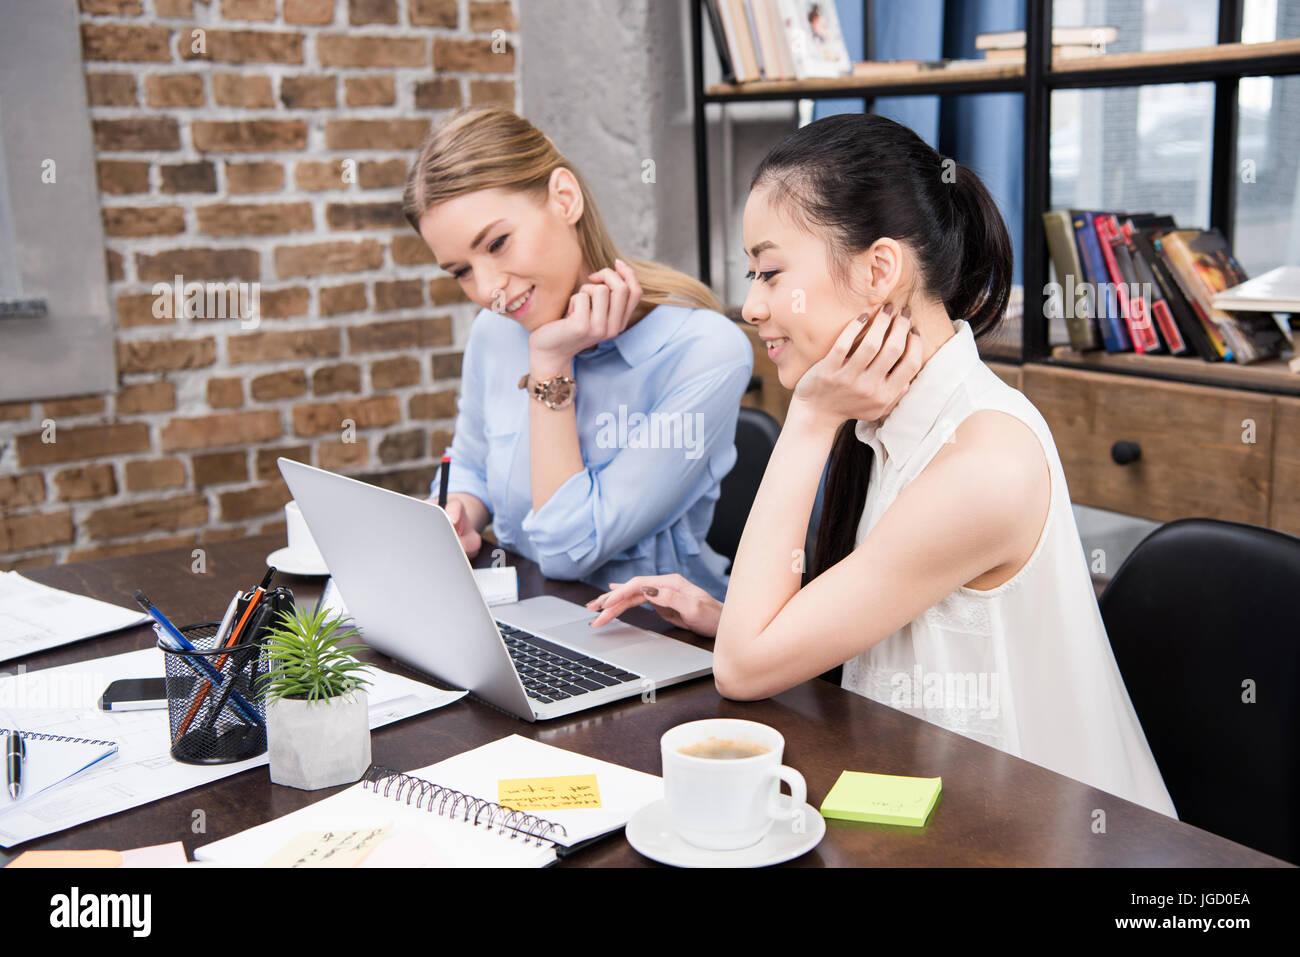 lächelnde multikulturellen Geschäftsfrauen mit Laptop arbeiten und sitzen am Arbeitsplatz Stockbild